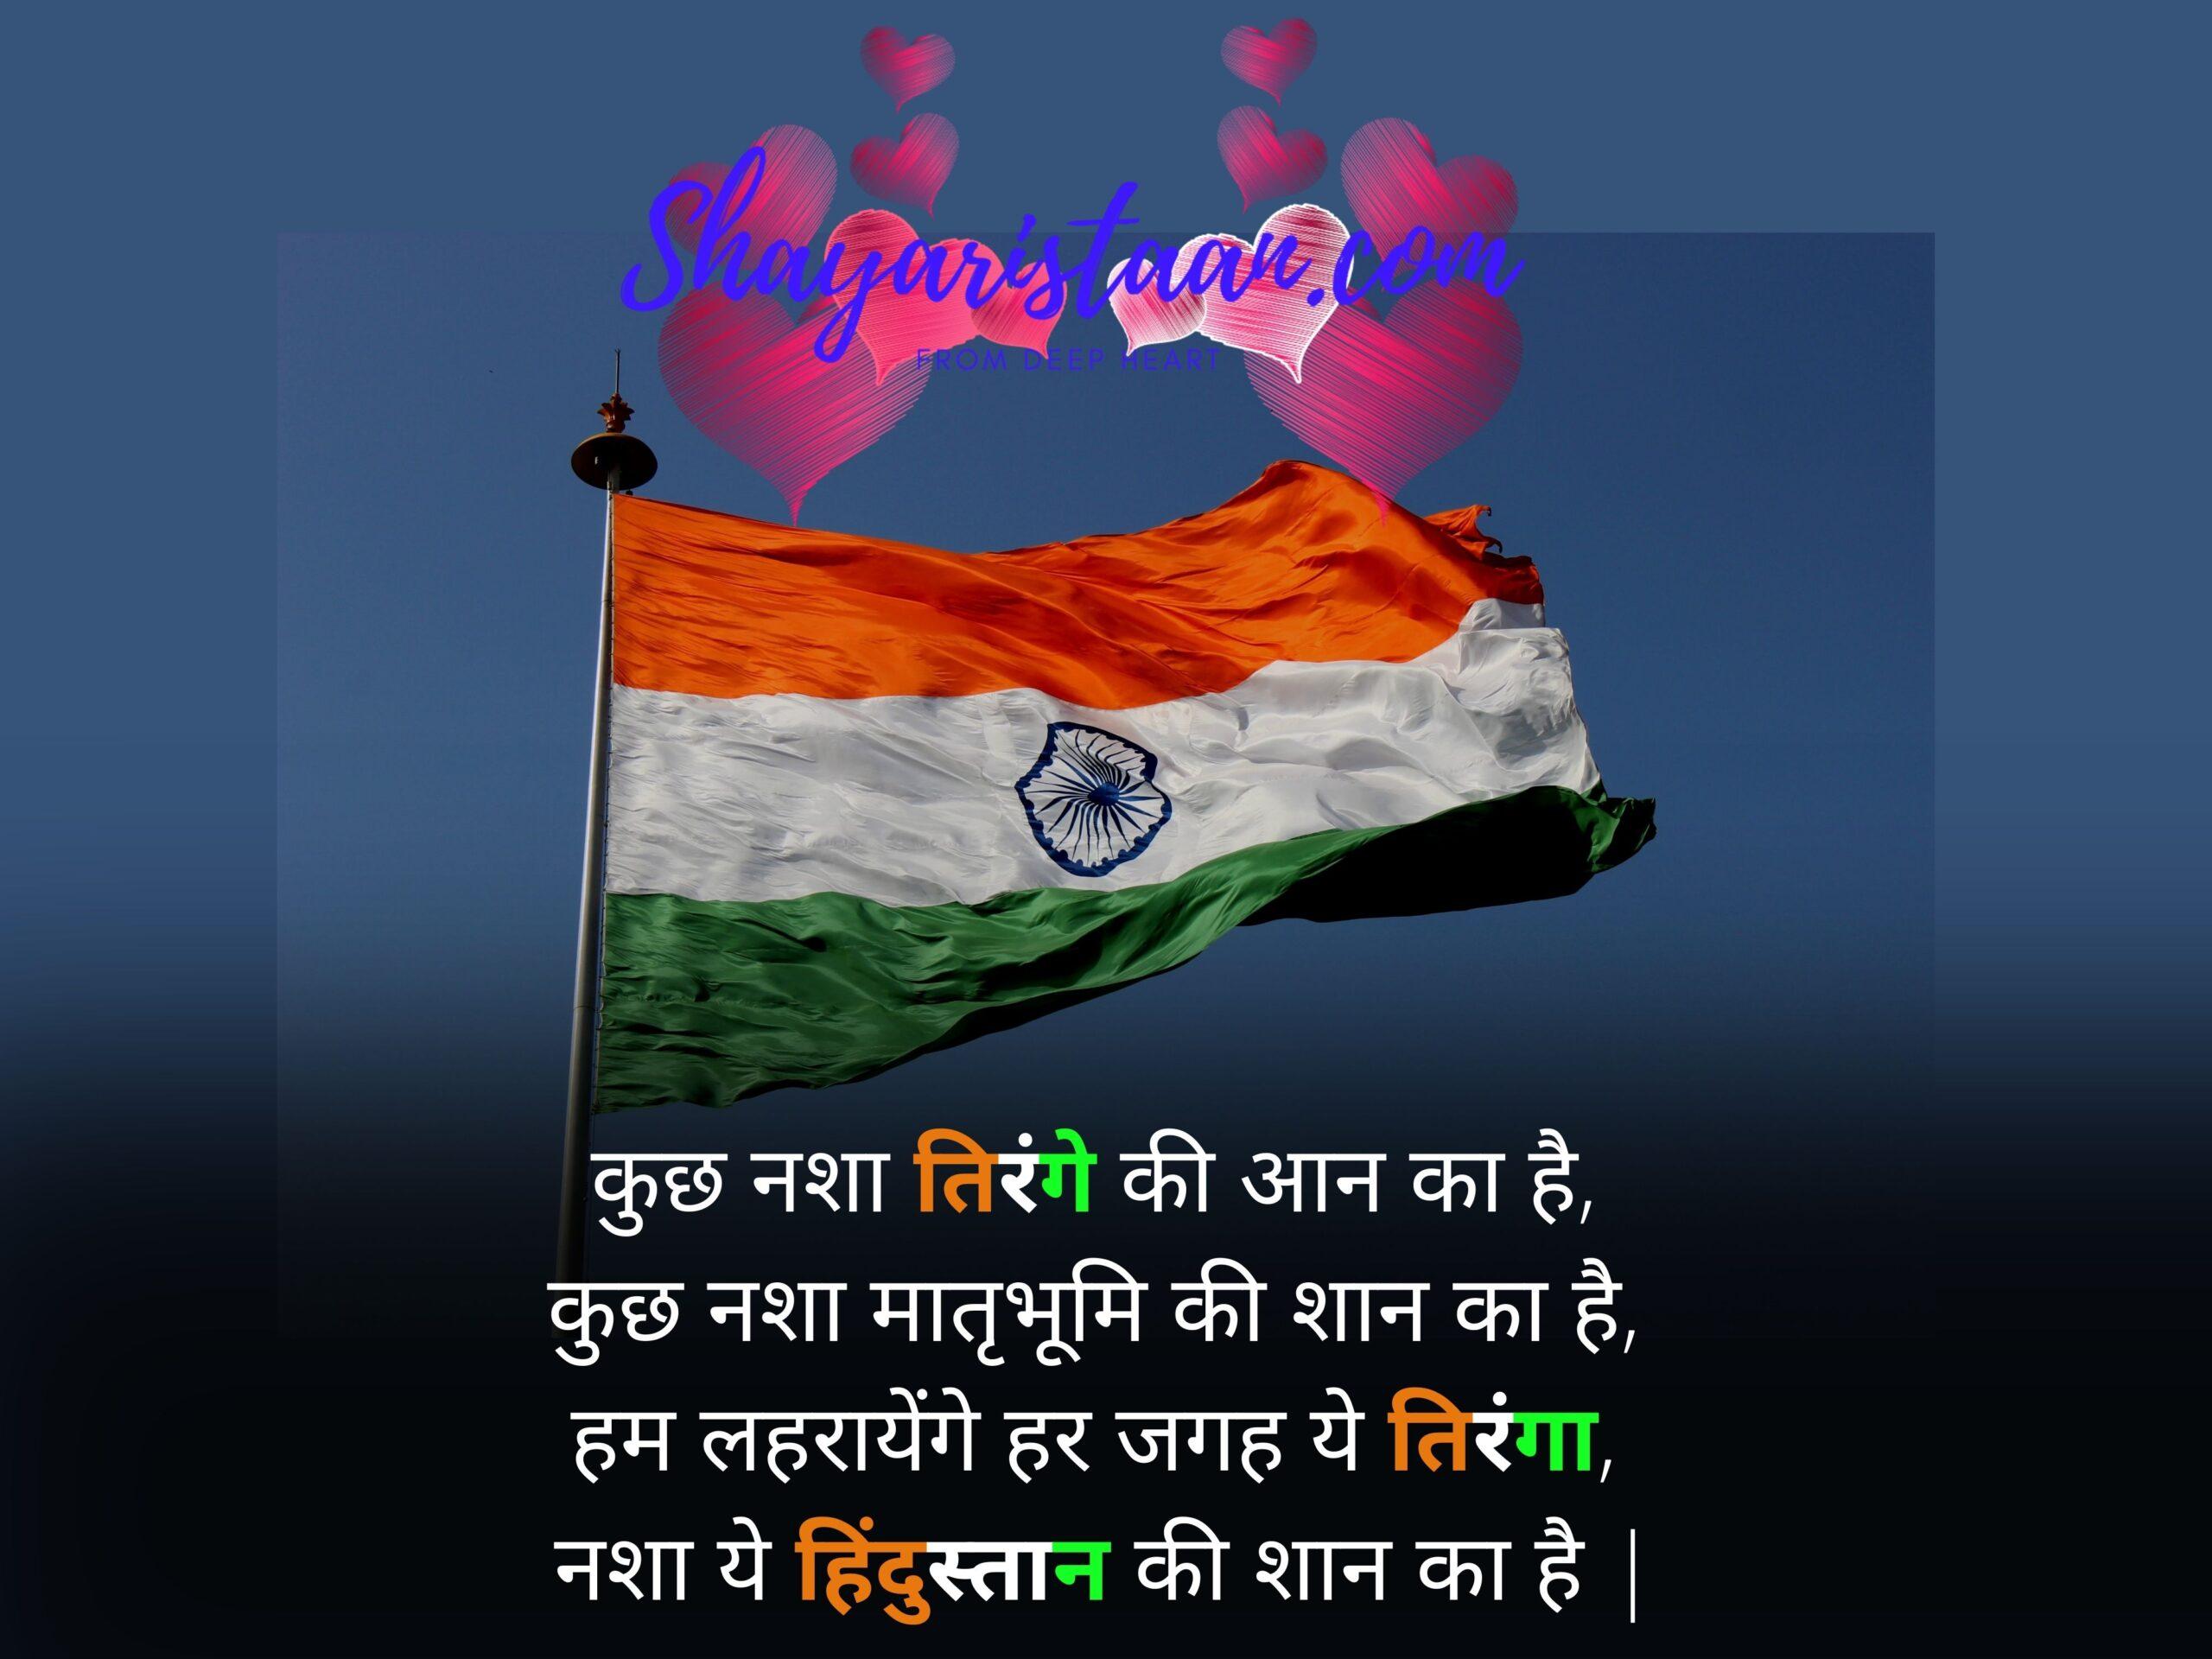 army quotes in hindi | कुछ नशा तिरंगे की आन का है, कुछ नशा मातृभूमि की शान का है, हम लहरायेंगे हर जगह ये तिरंगा, नशा ये हिंदुस्तान की शान का है |